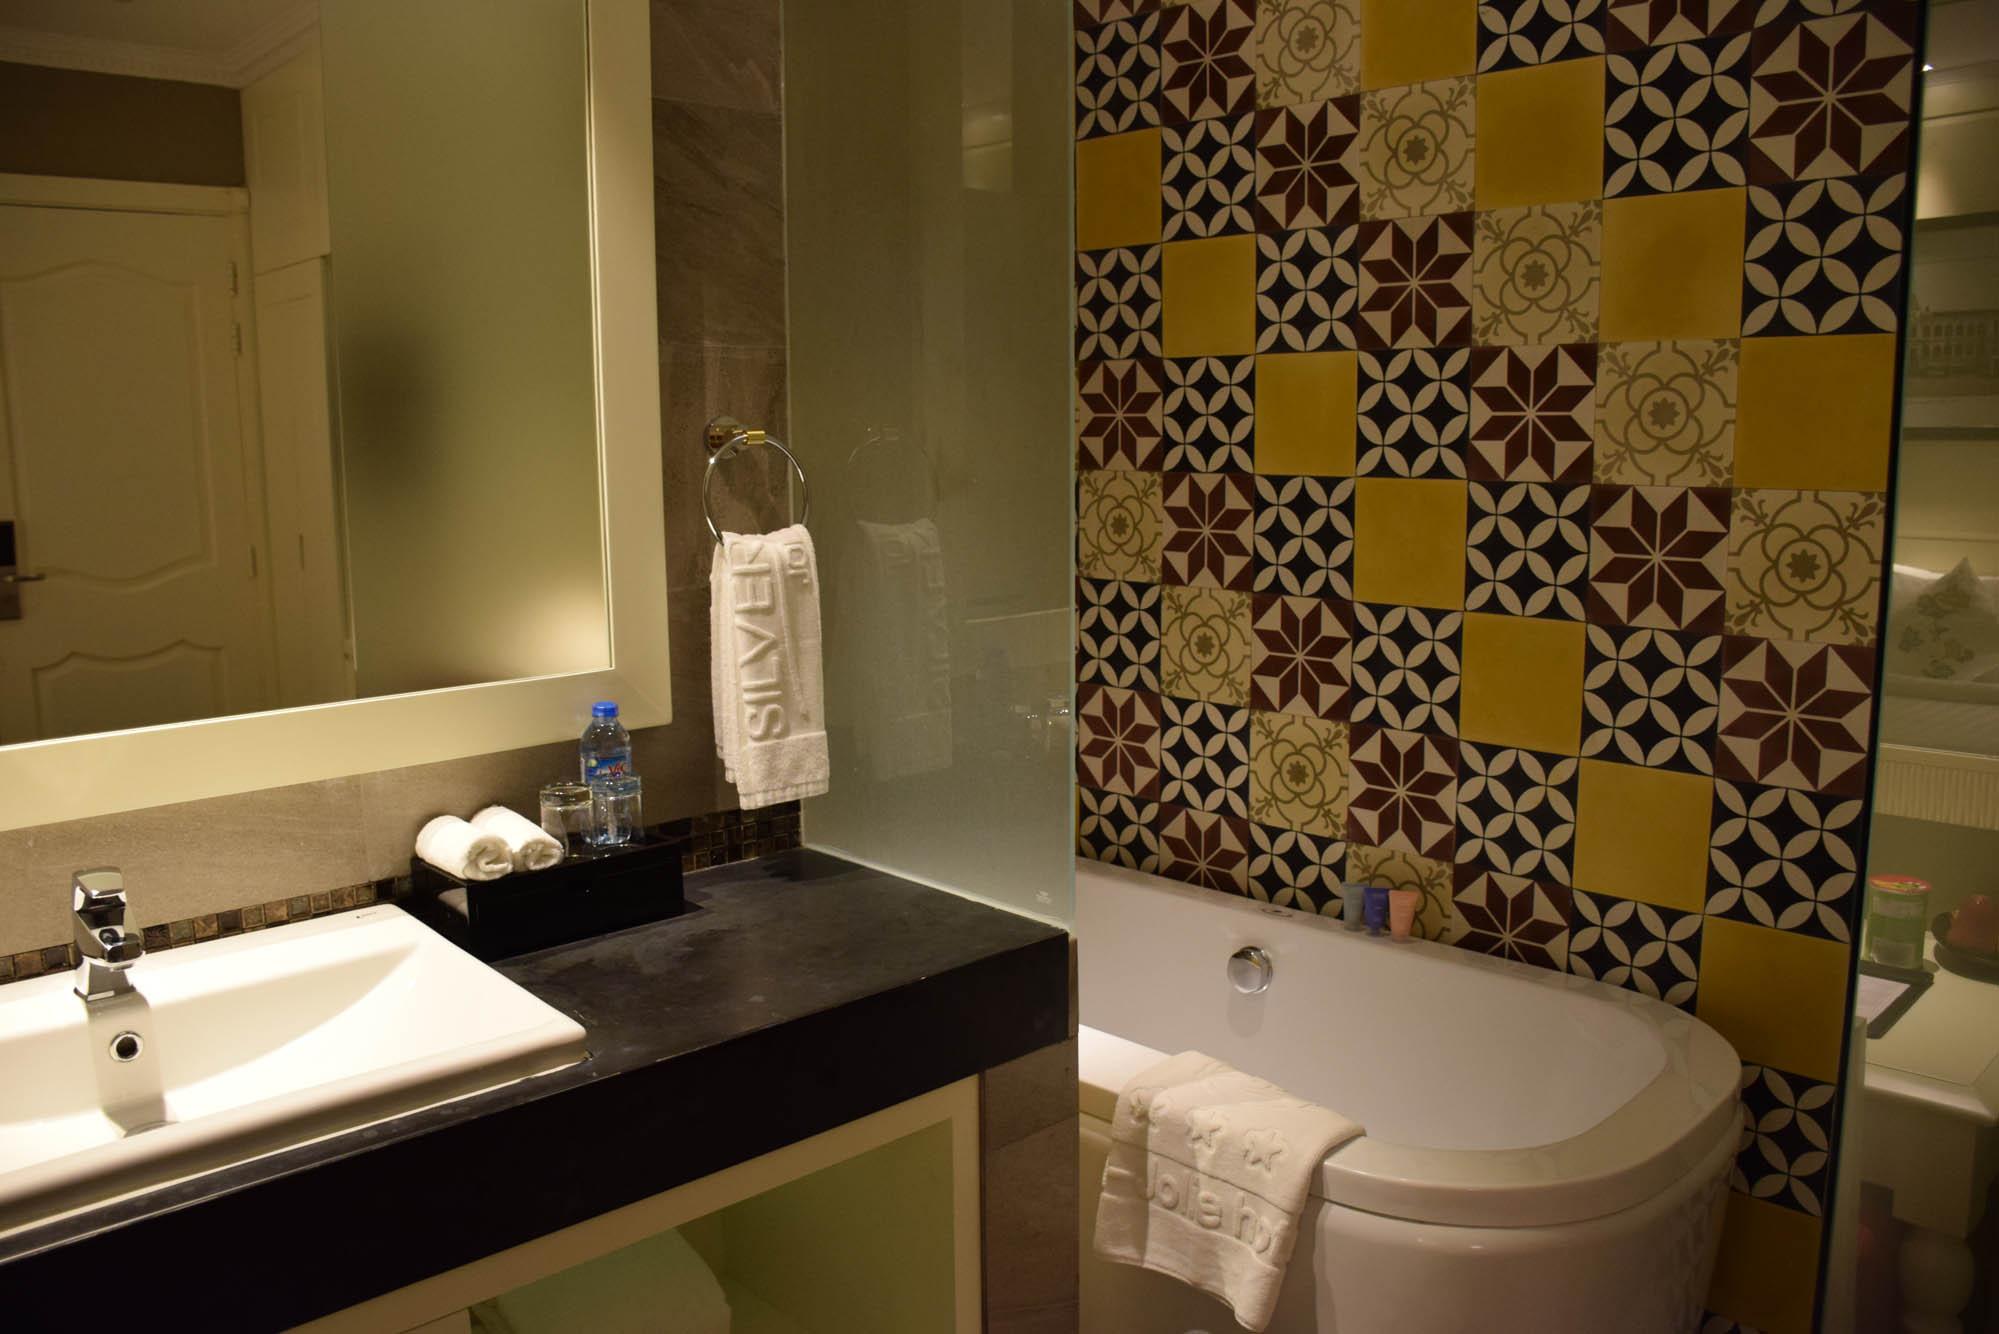 Silverland-jolie-hotel-ho-chi-minh-city-saigon-best-hotels-melhores-hoteis-distrito-district-1